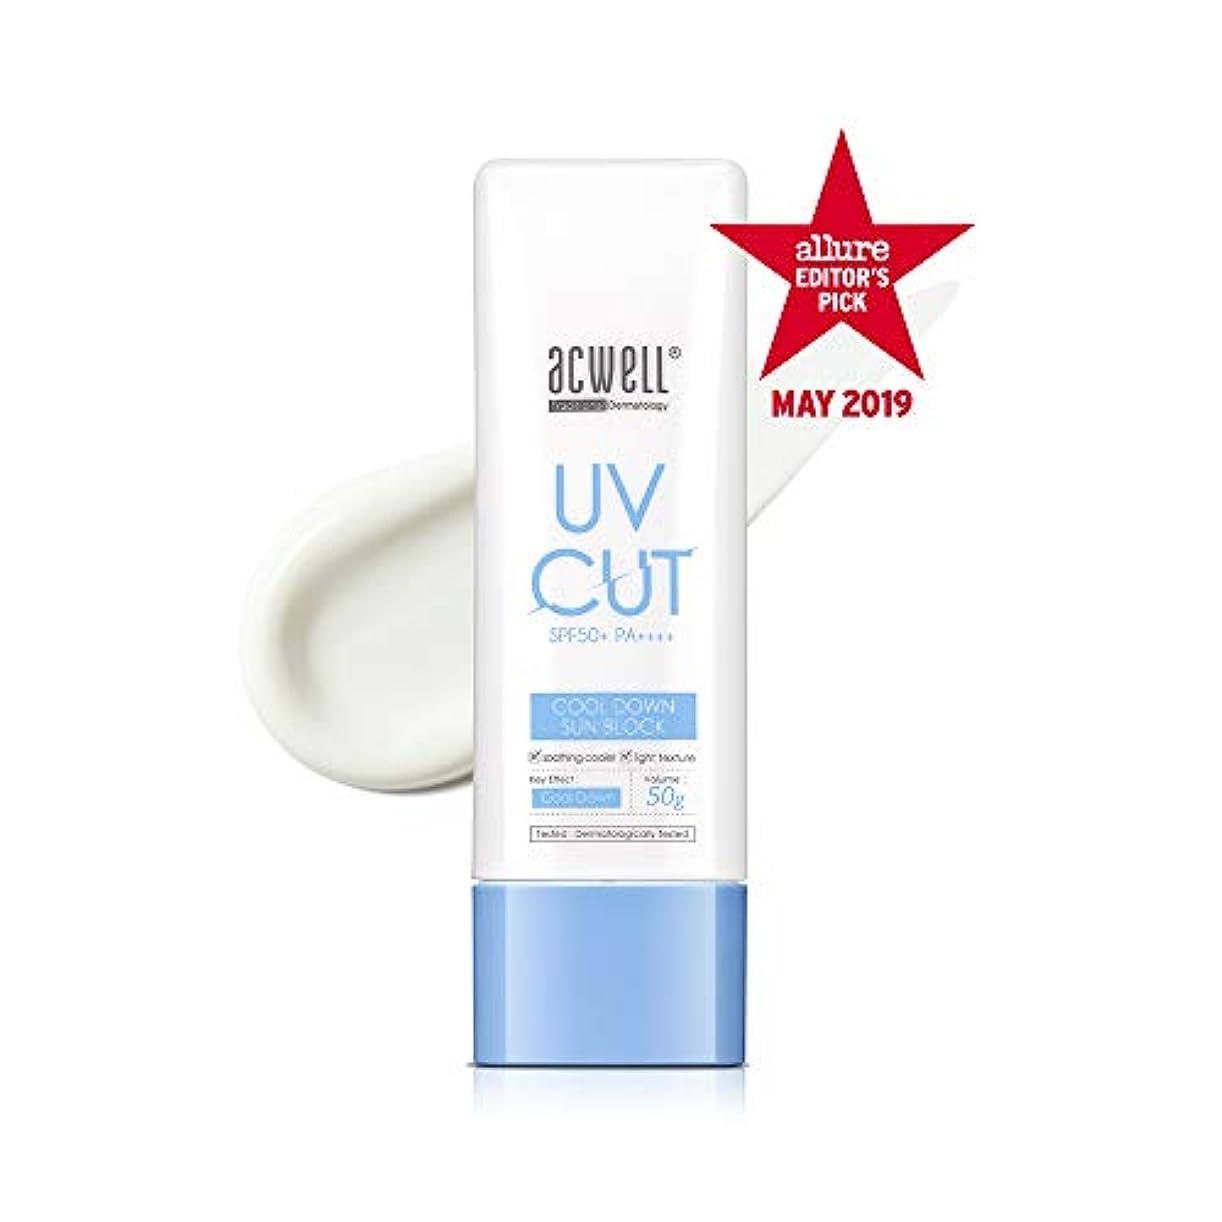 世紀鋭く所有者アクウェル ACWELL UV Cut Cool Down Sun Block クールダウン サンブロック 50g, SPF50+ PA++++ [Made in Korea]